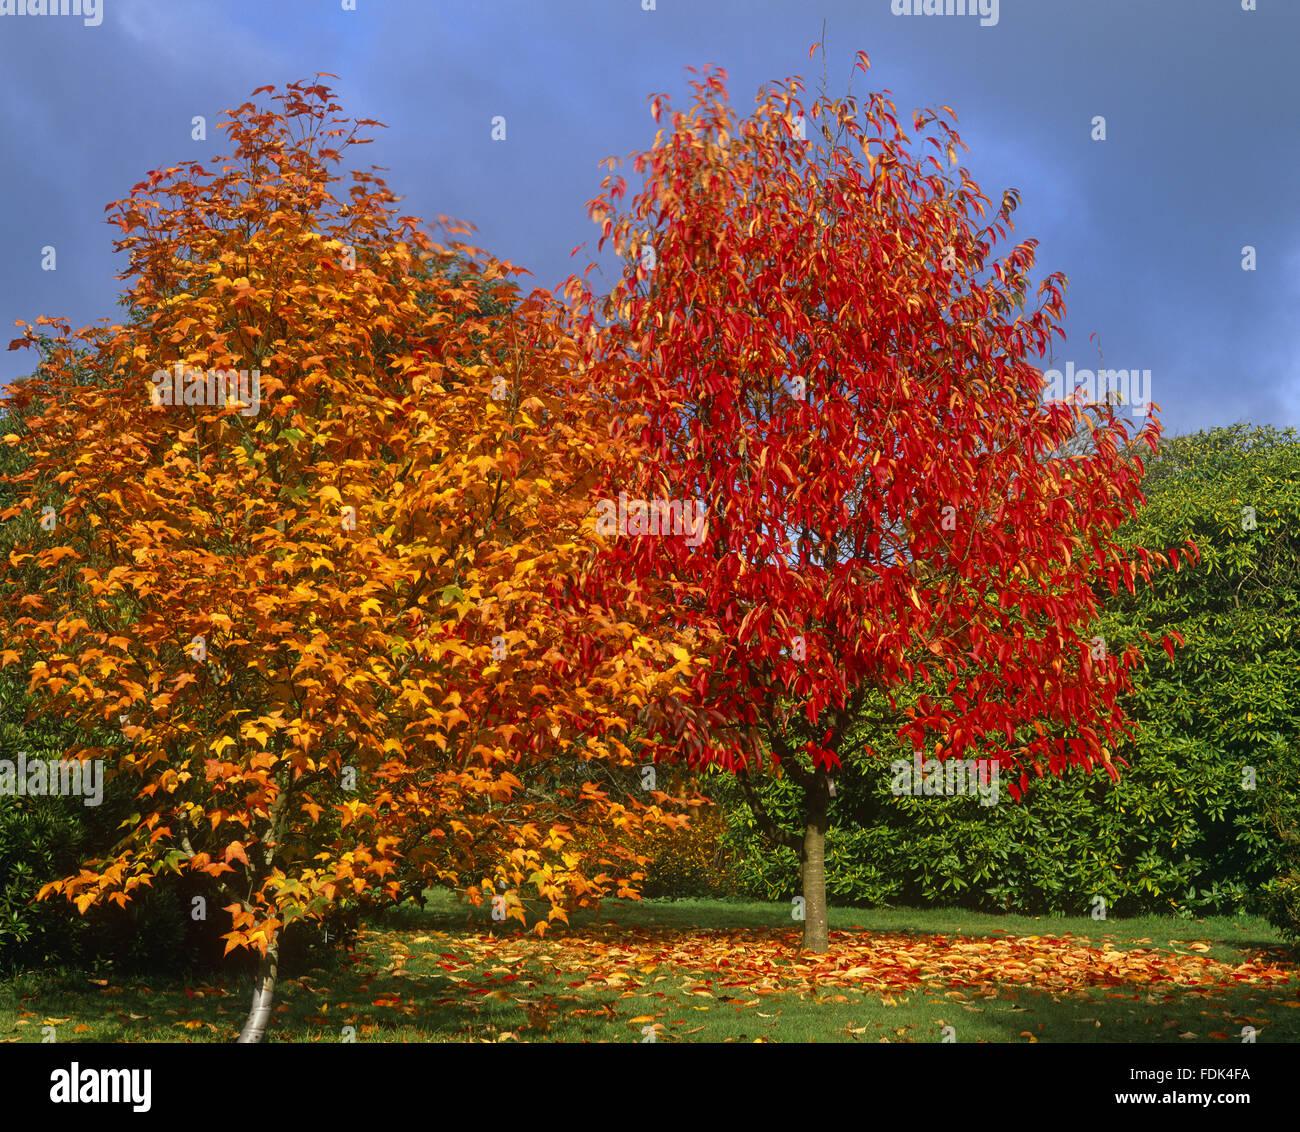 Fantastisch Ahornbaum Färbung Seite Fotos - Malvorlagen Ideen ...